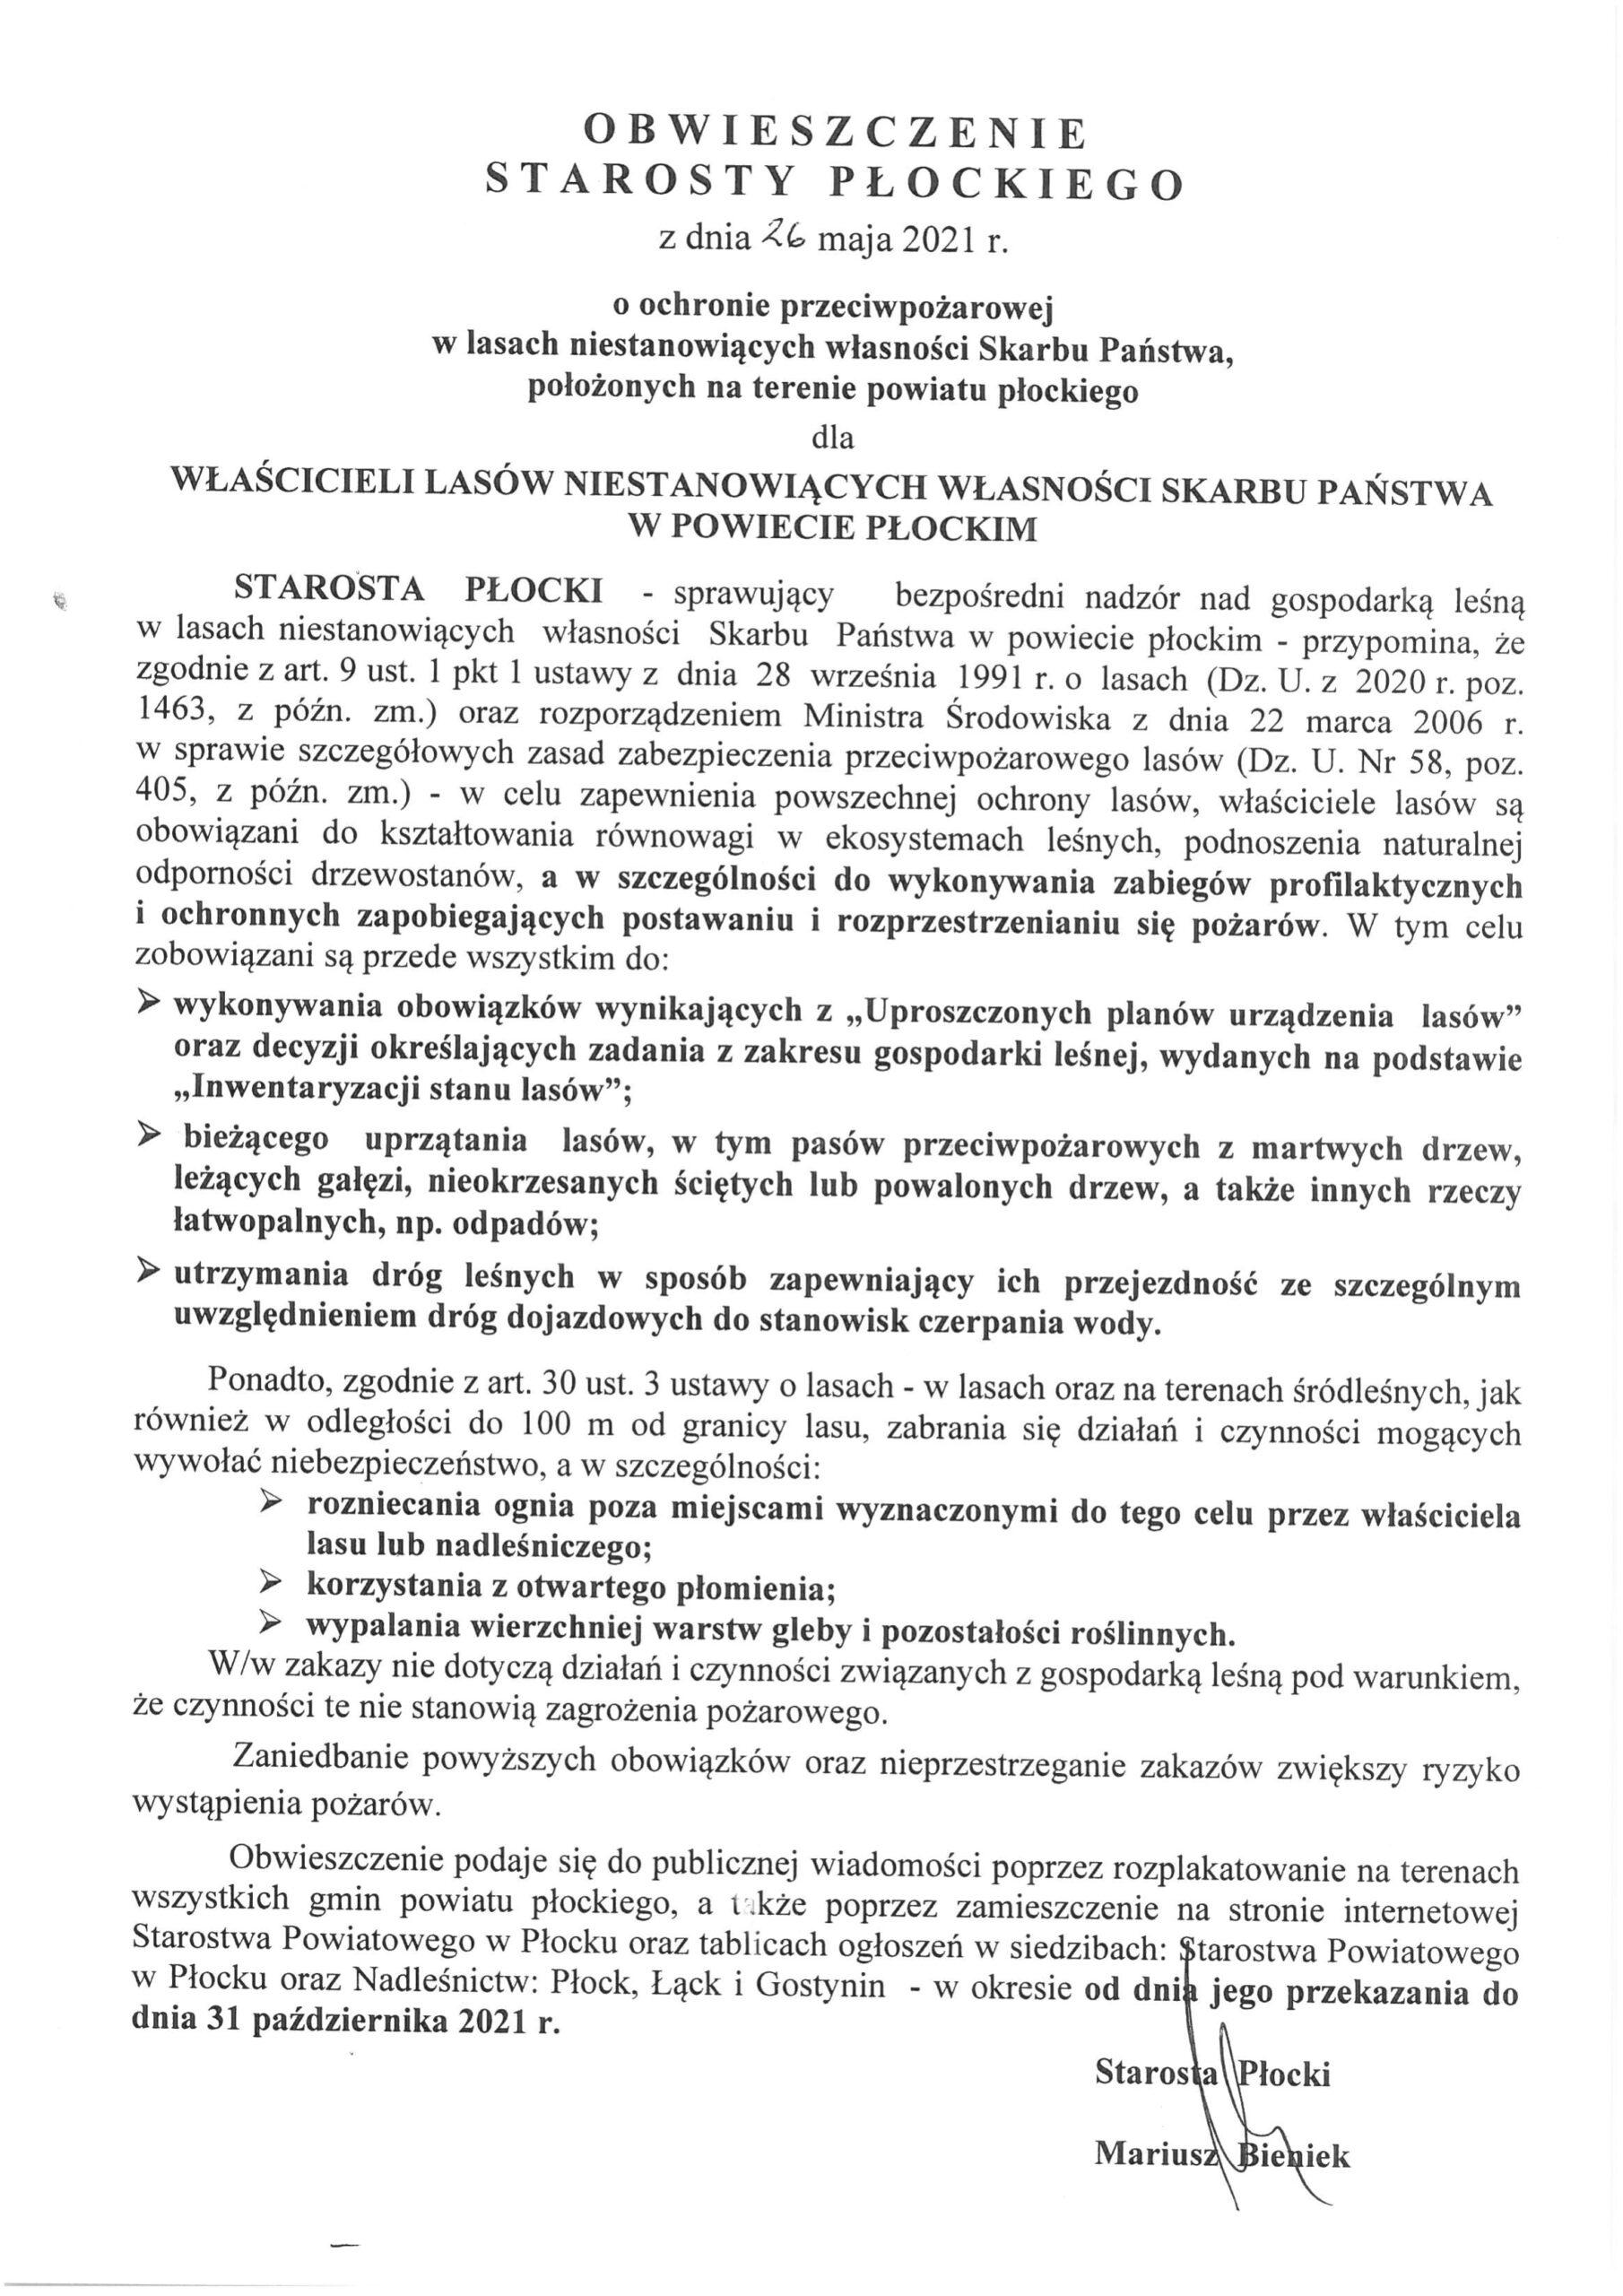 Obwieszczenie Starosty Płockiego z dnia 26 maja 2021 r. o ochronie przeciwpożarowej w lasach niestanowiących własność Skarbu Państwa, położonych na terenie powiatu płockiego